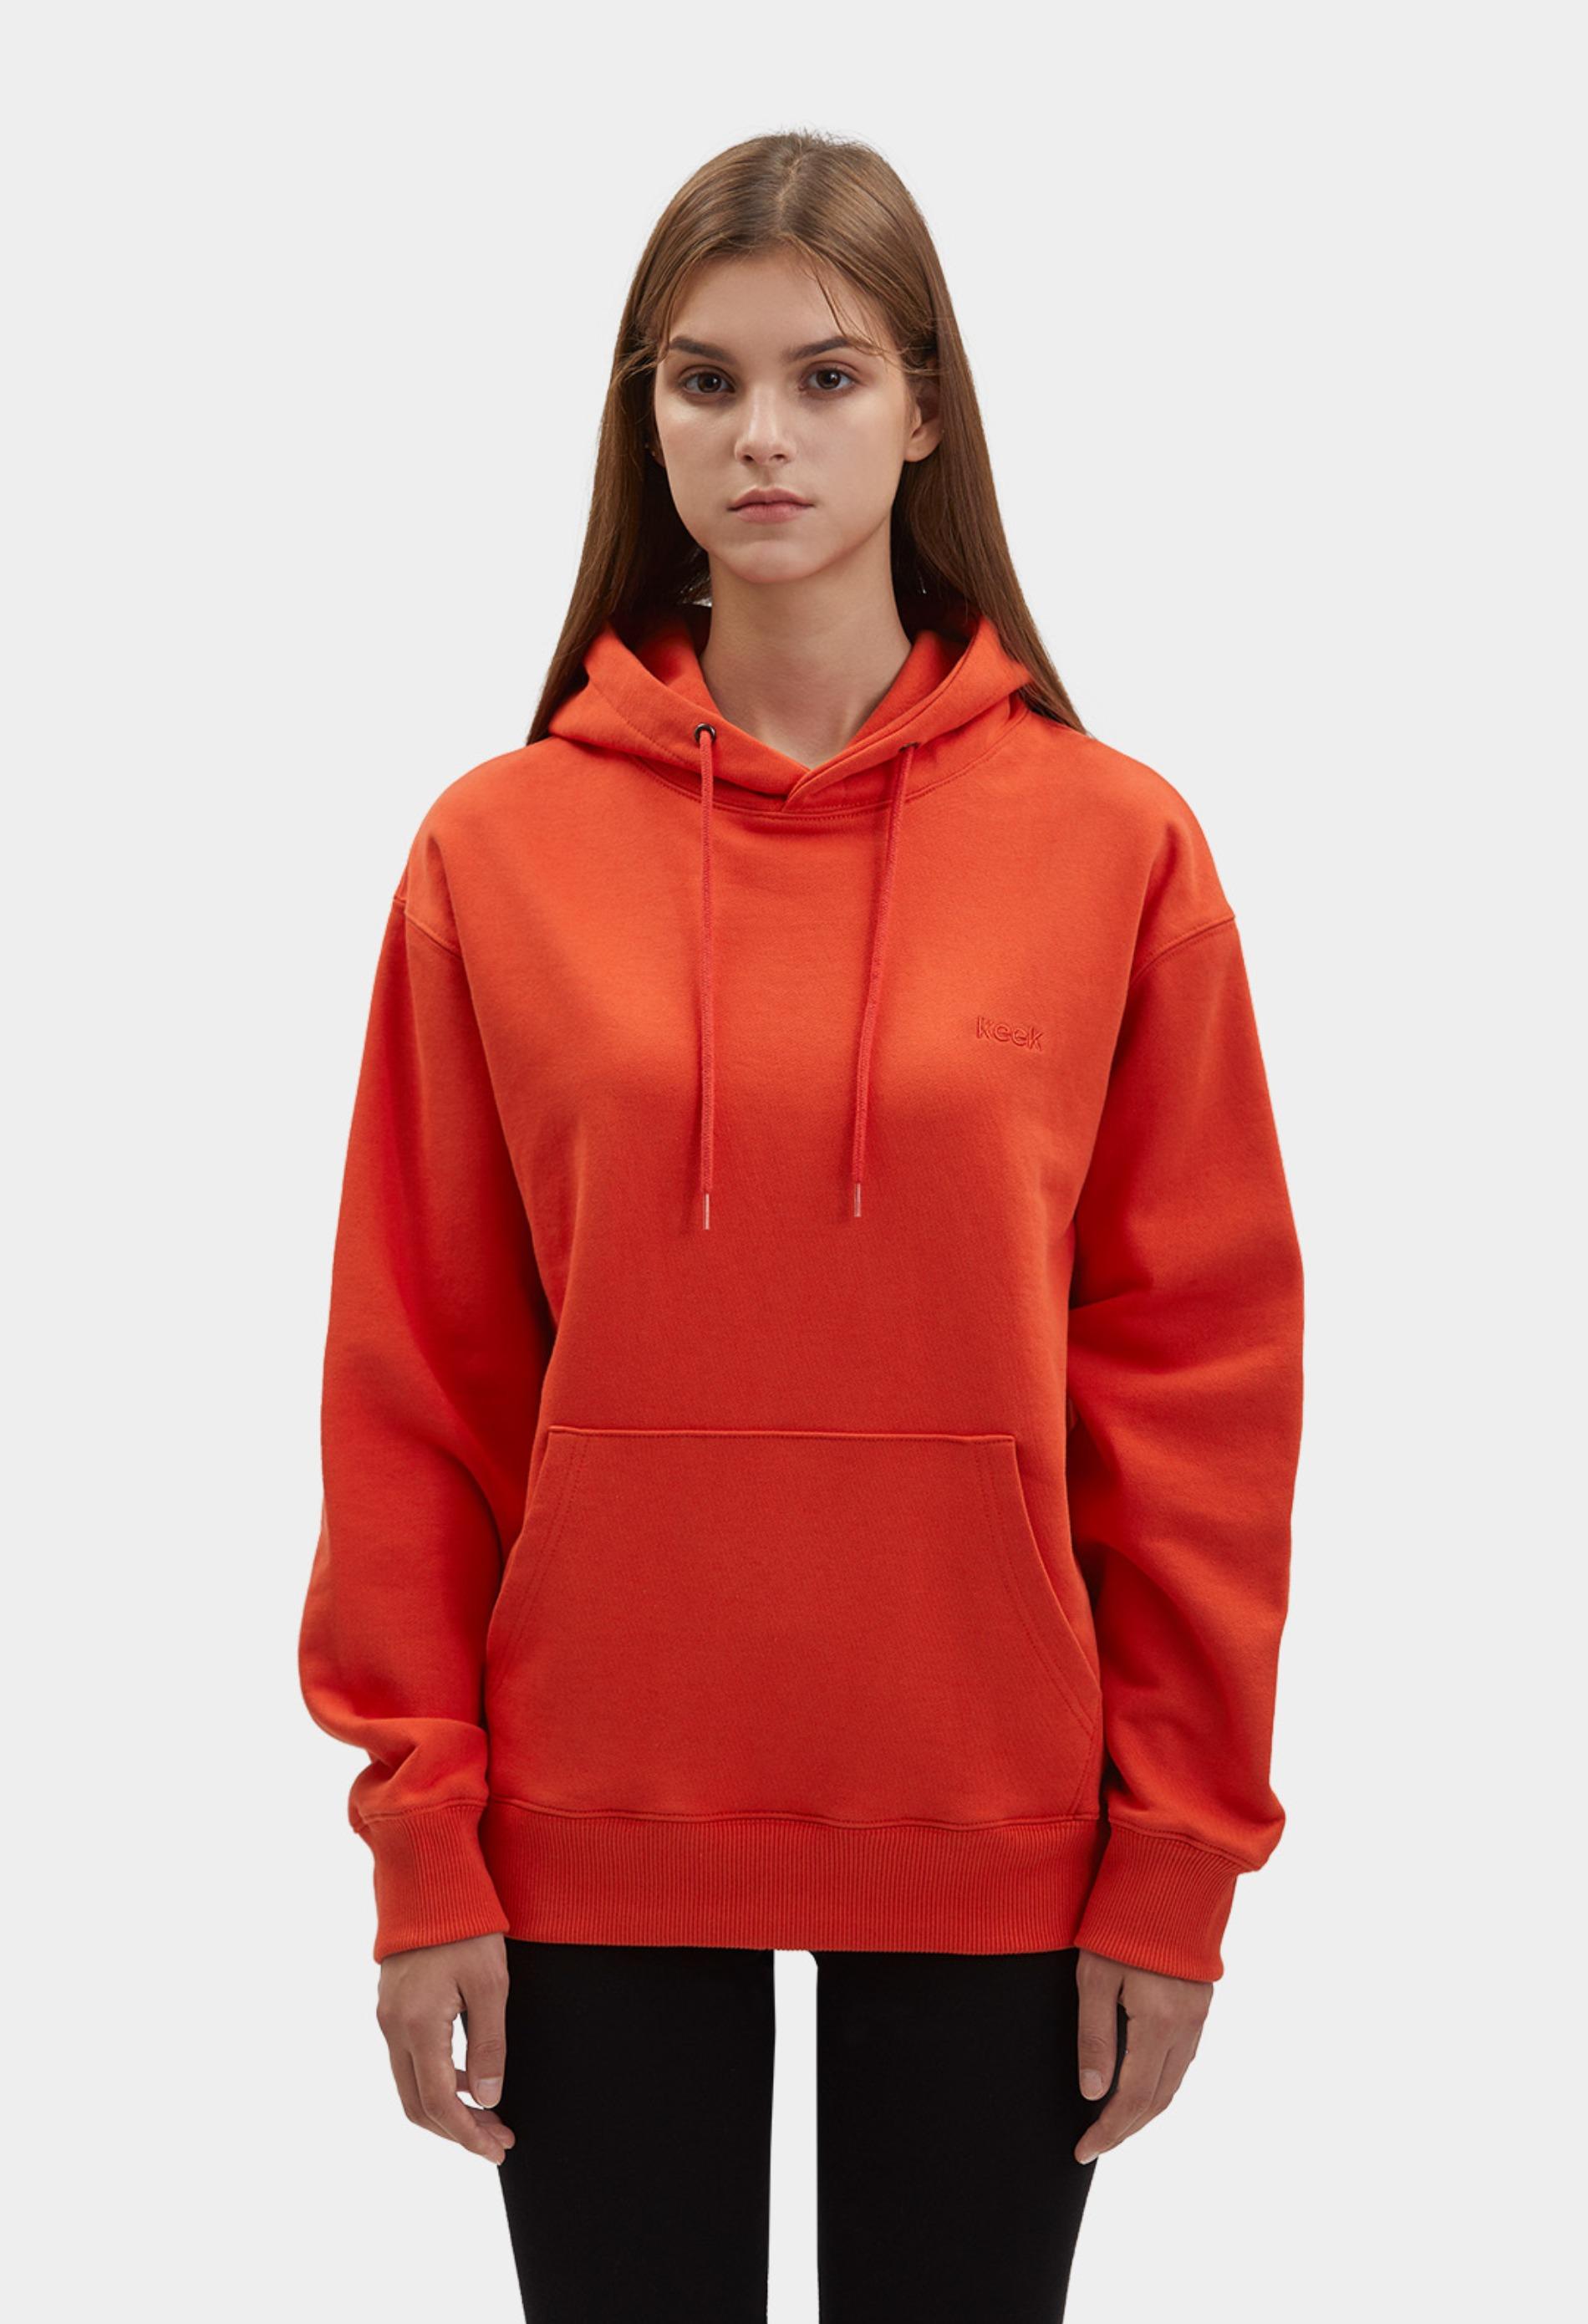 keek [Unisex] keek Hoodie - Red 스트릿패션 유니섹스브랜드 커플시밀러룩 남자쇼핑몰 여성의류쇼핑몰 후드티 힙색